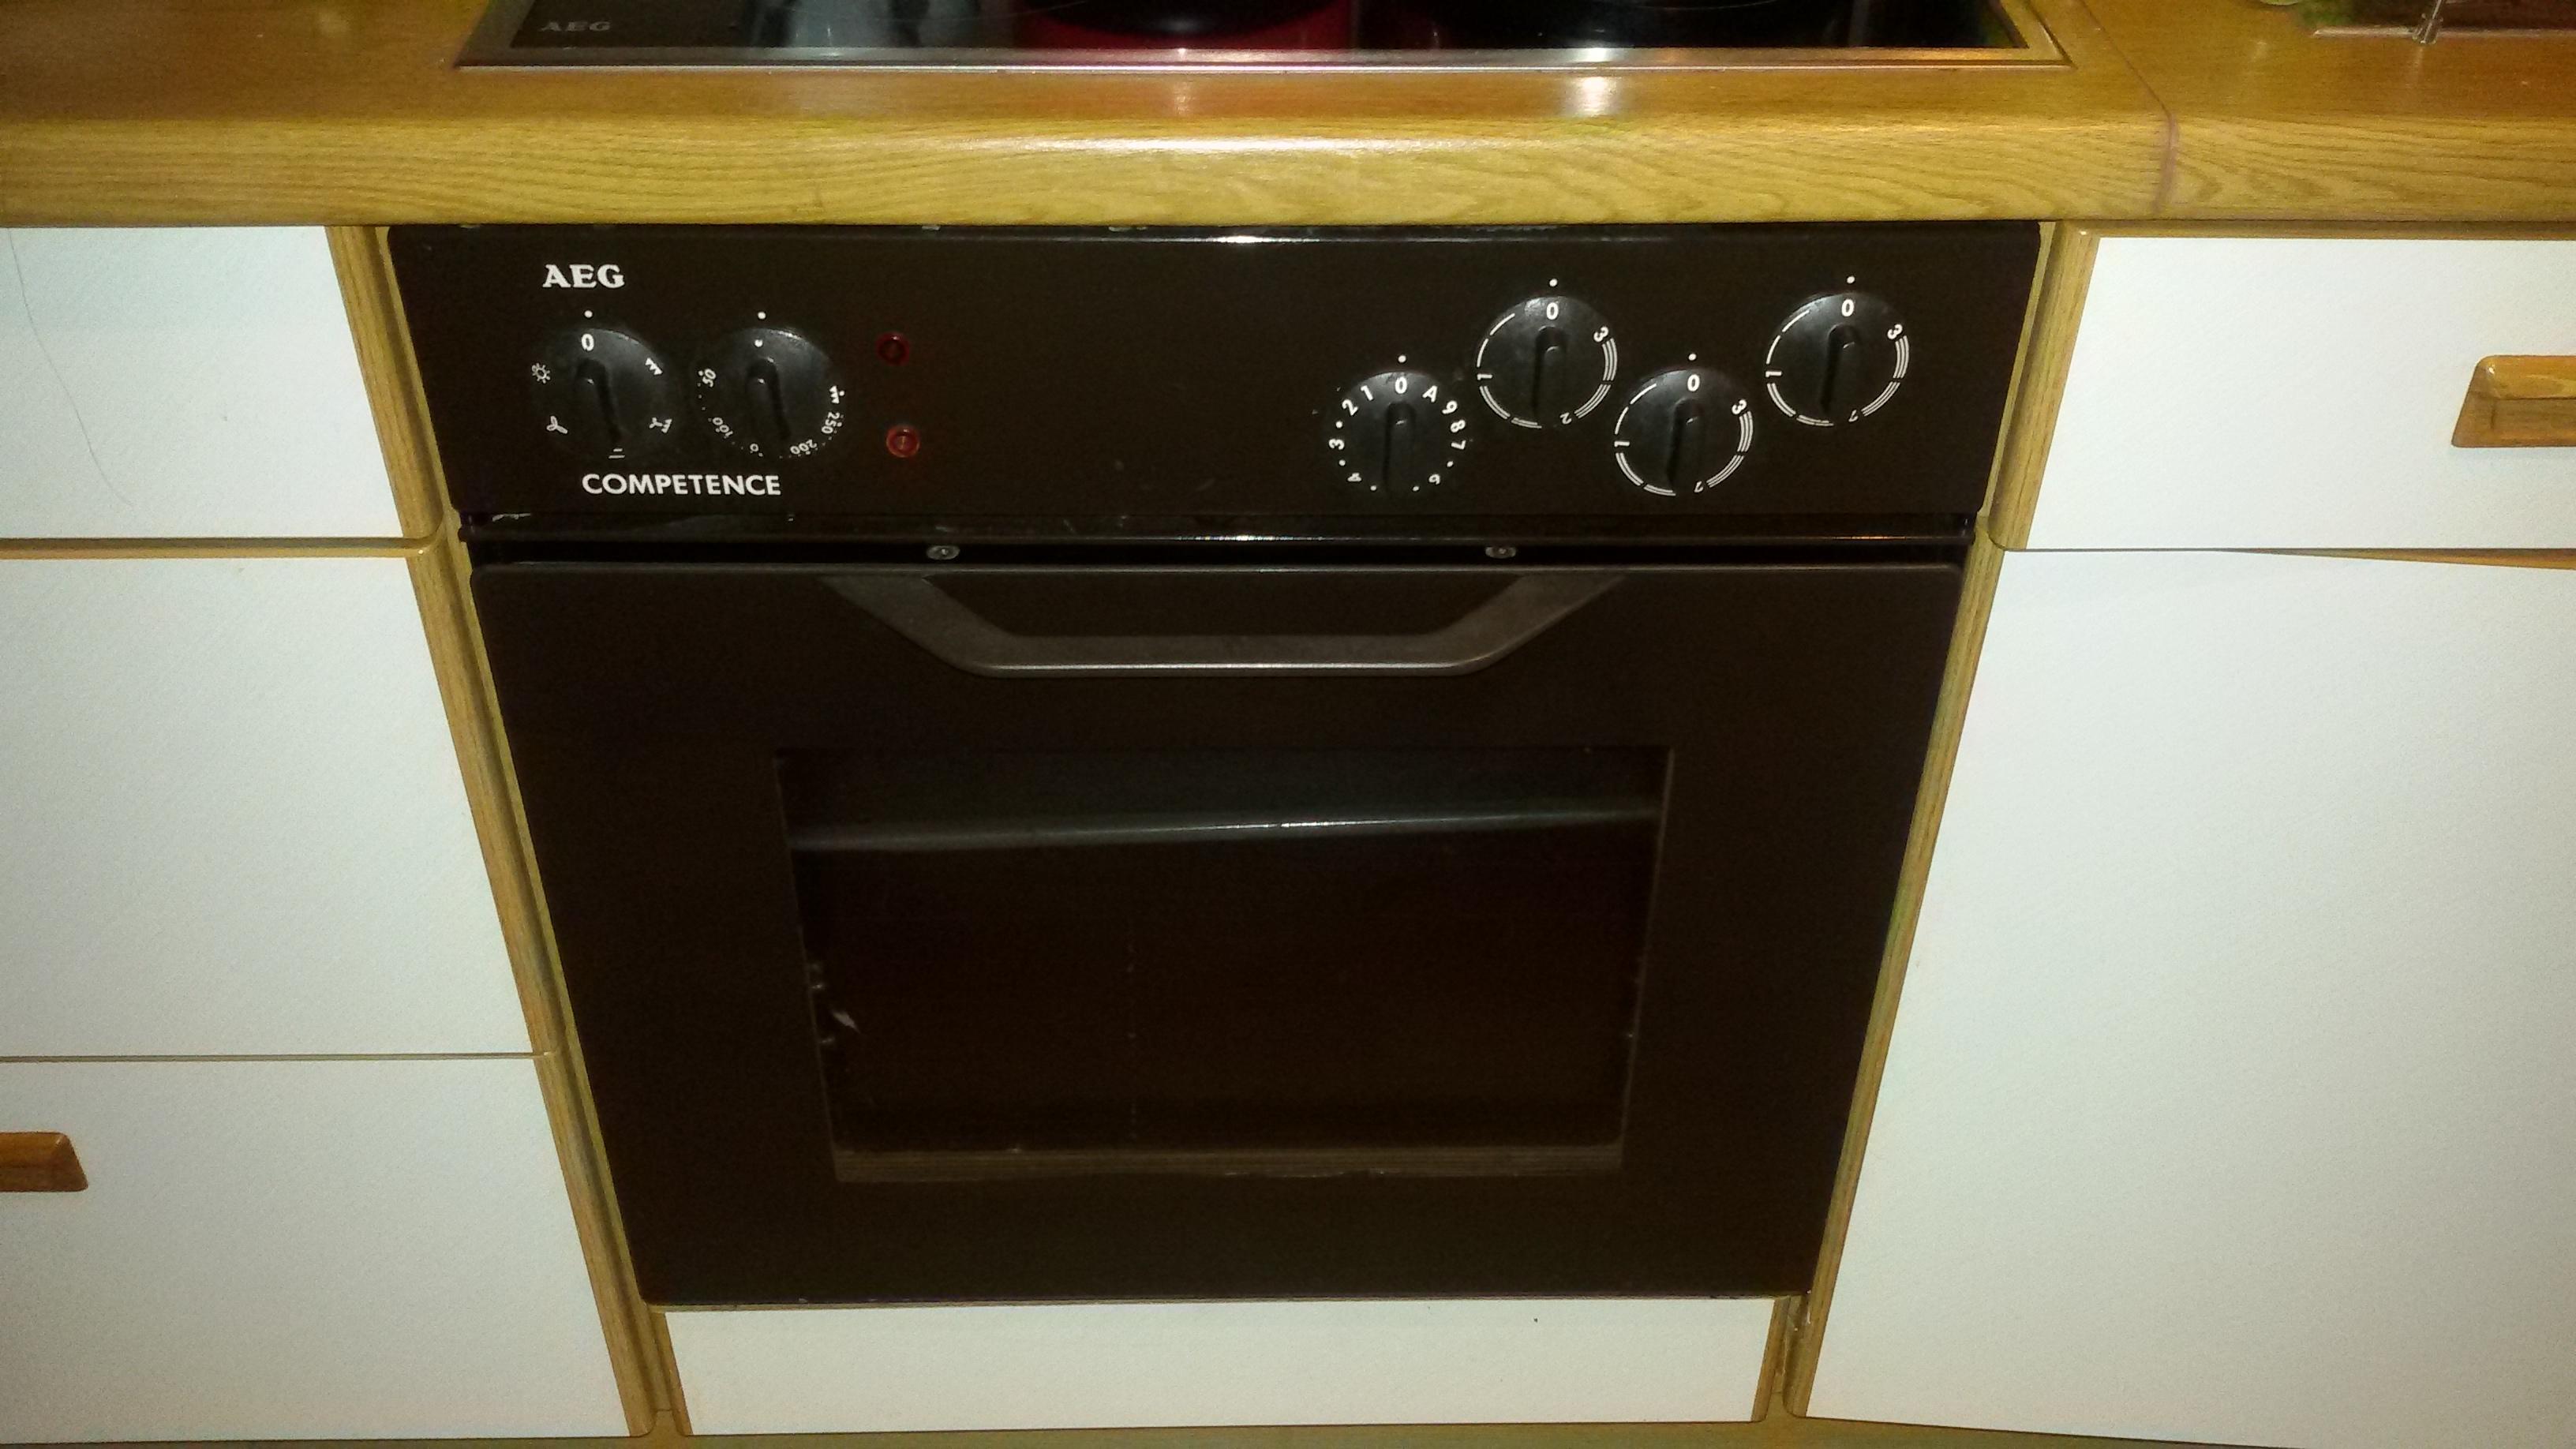 elektroherd l sst sich nicht regulieren reparatur handwerker haushaltsgeraete. Black Bedroom Furniture Sets. Home Design Ideas